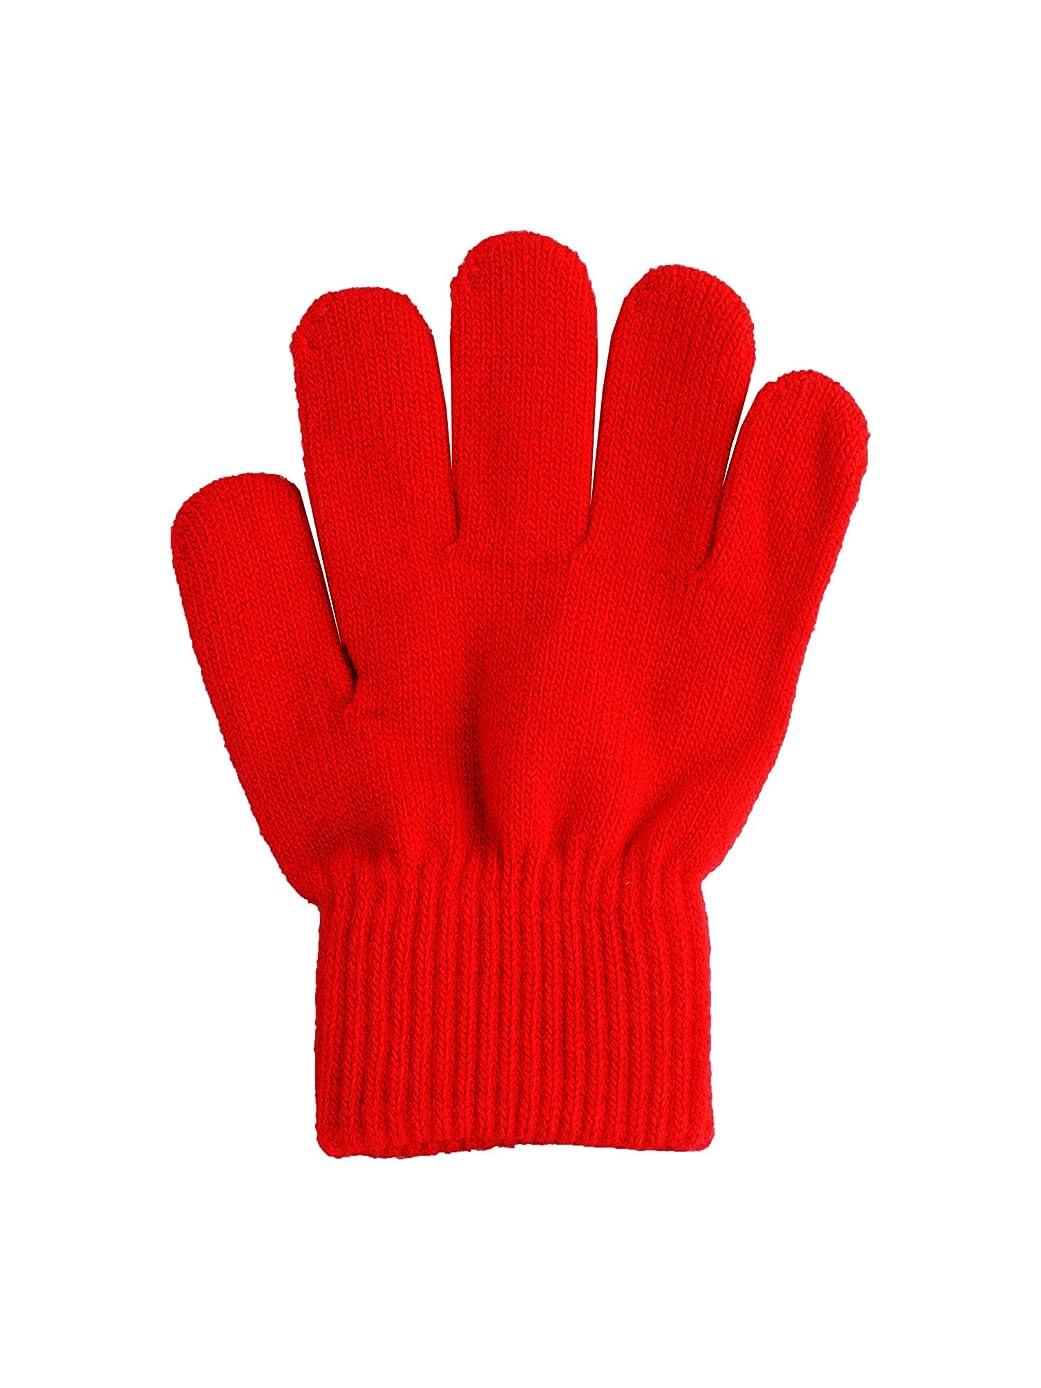 咳漁師ネズミのびのび手袋 赤 10組セット